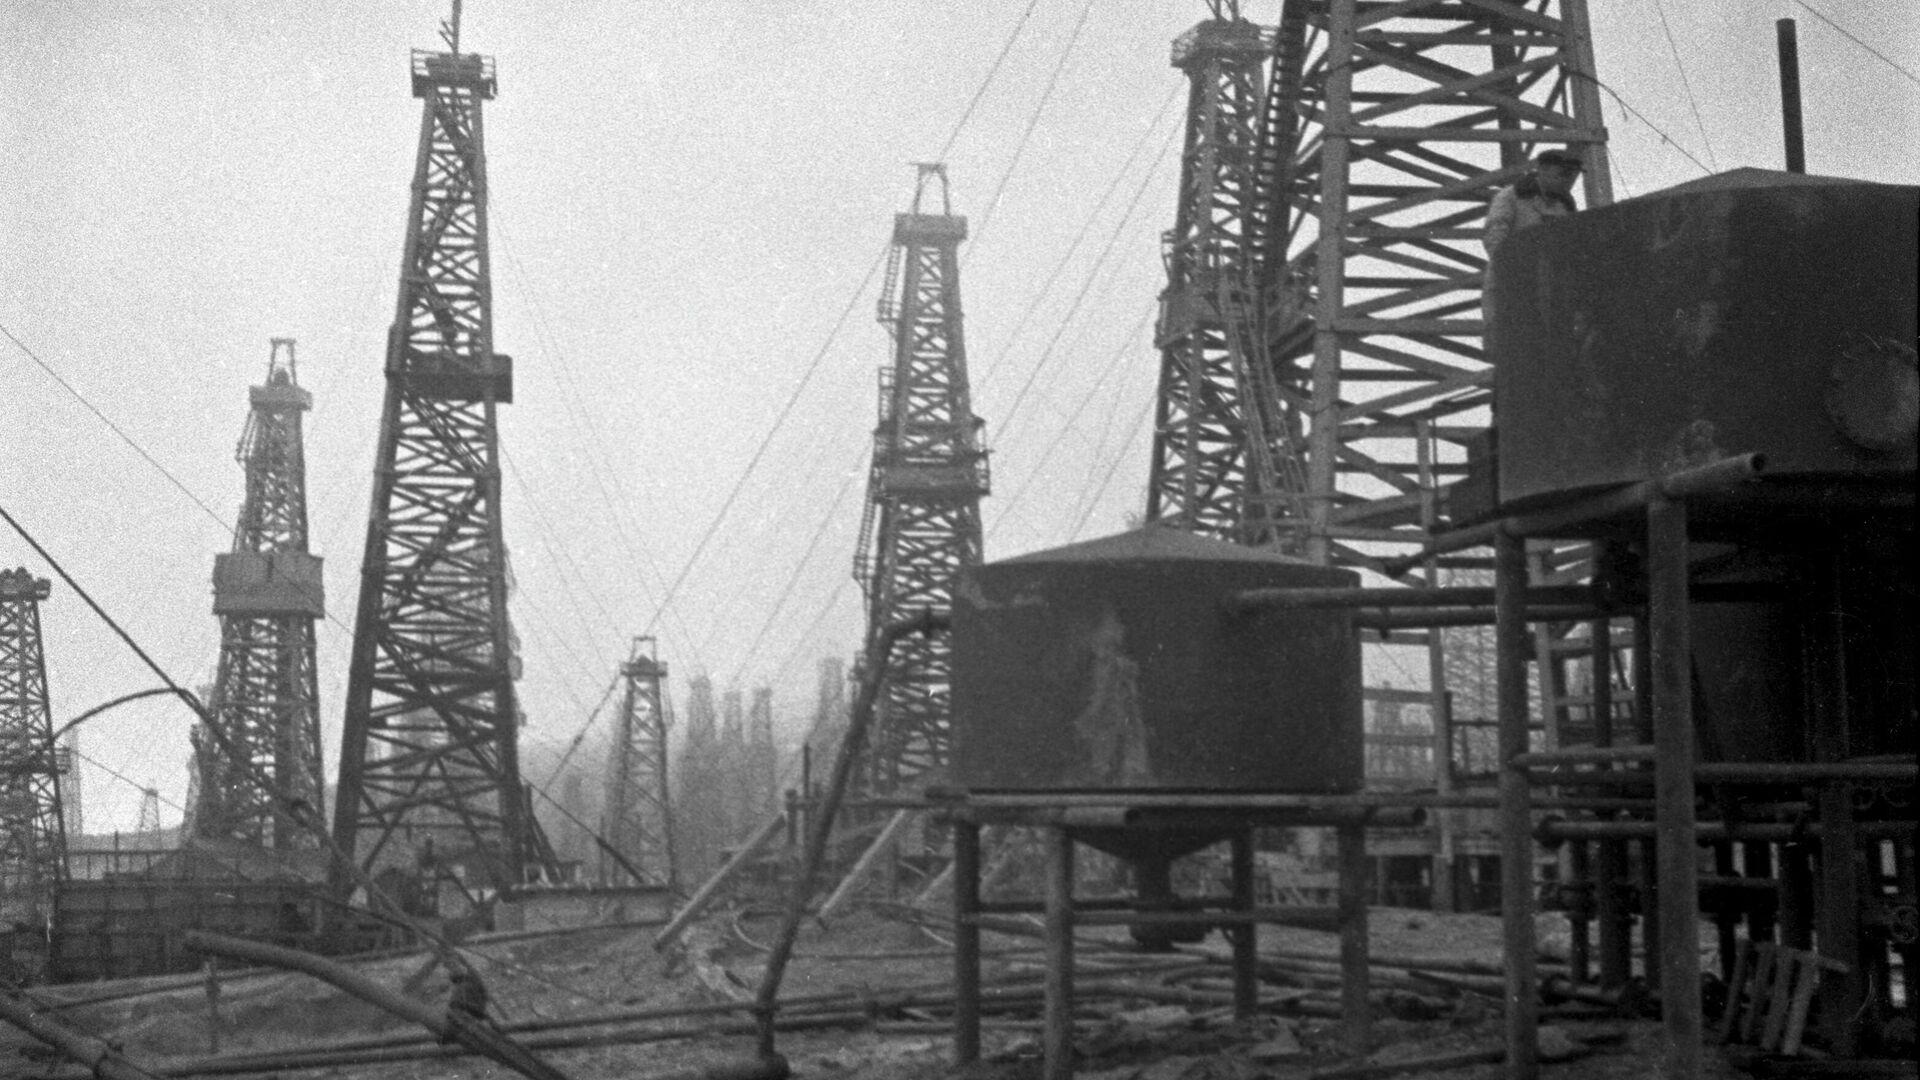 Добыча нефти на нефтяных промыслах Баку. 1939 год - РИА Новости, 1920, 08.07.2021